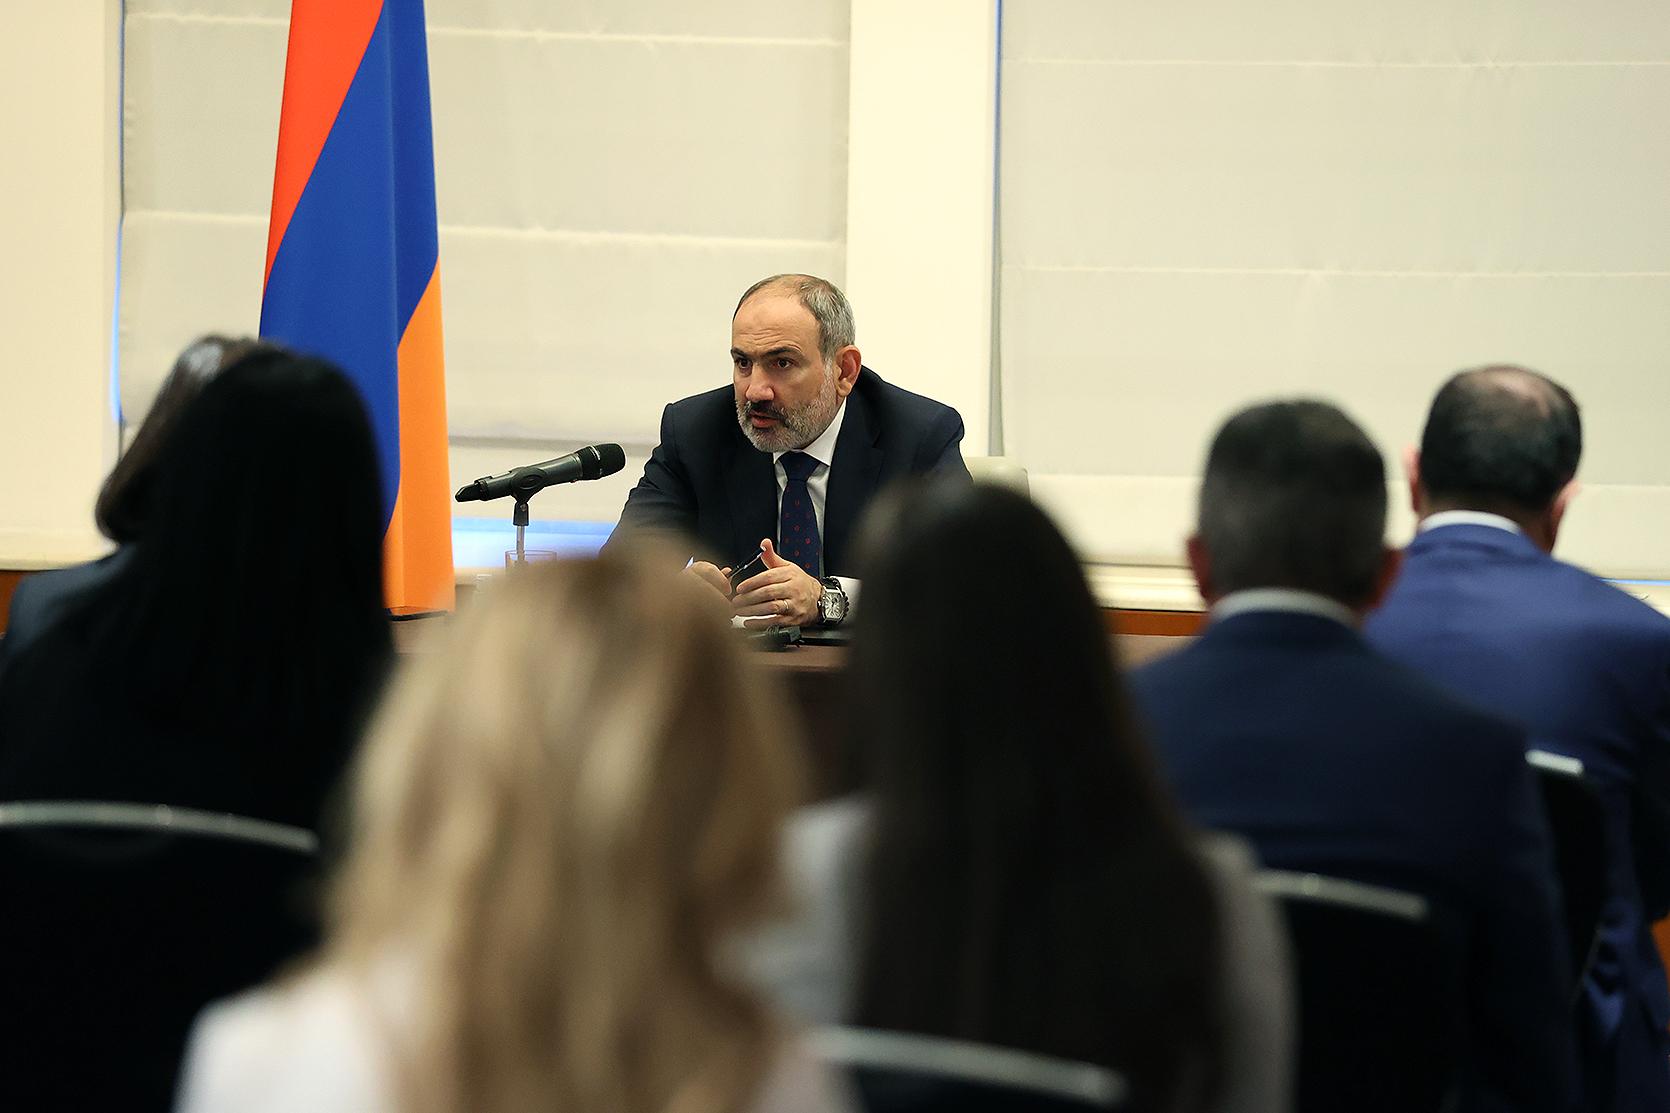 Премьер-министр Армении Никол Пашинян выразил удовлетворение встречей с Владимиром Путиным